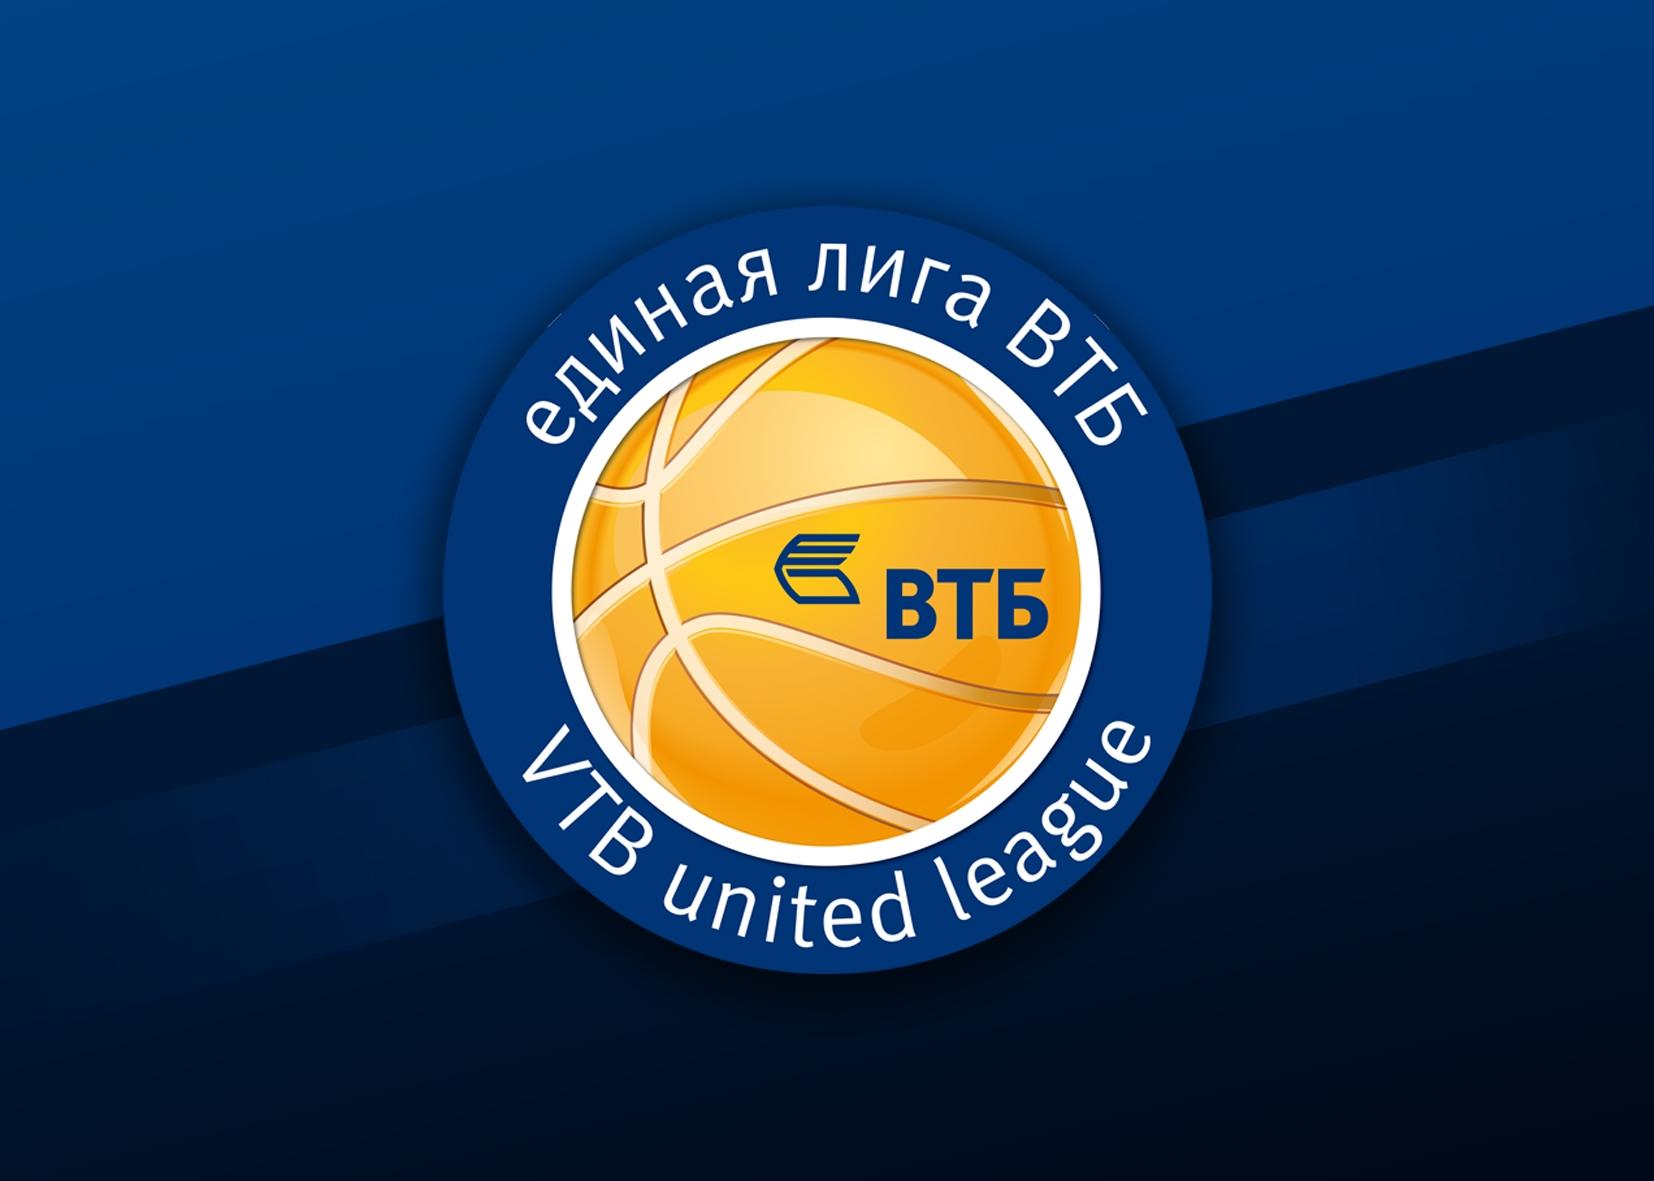 Обединената Лига ВТБ (Единая лига) предложи на баскетболните фенове най-смешните